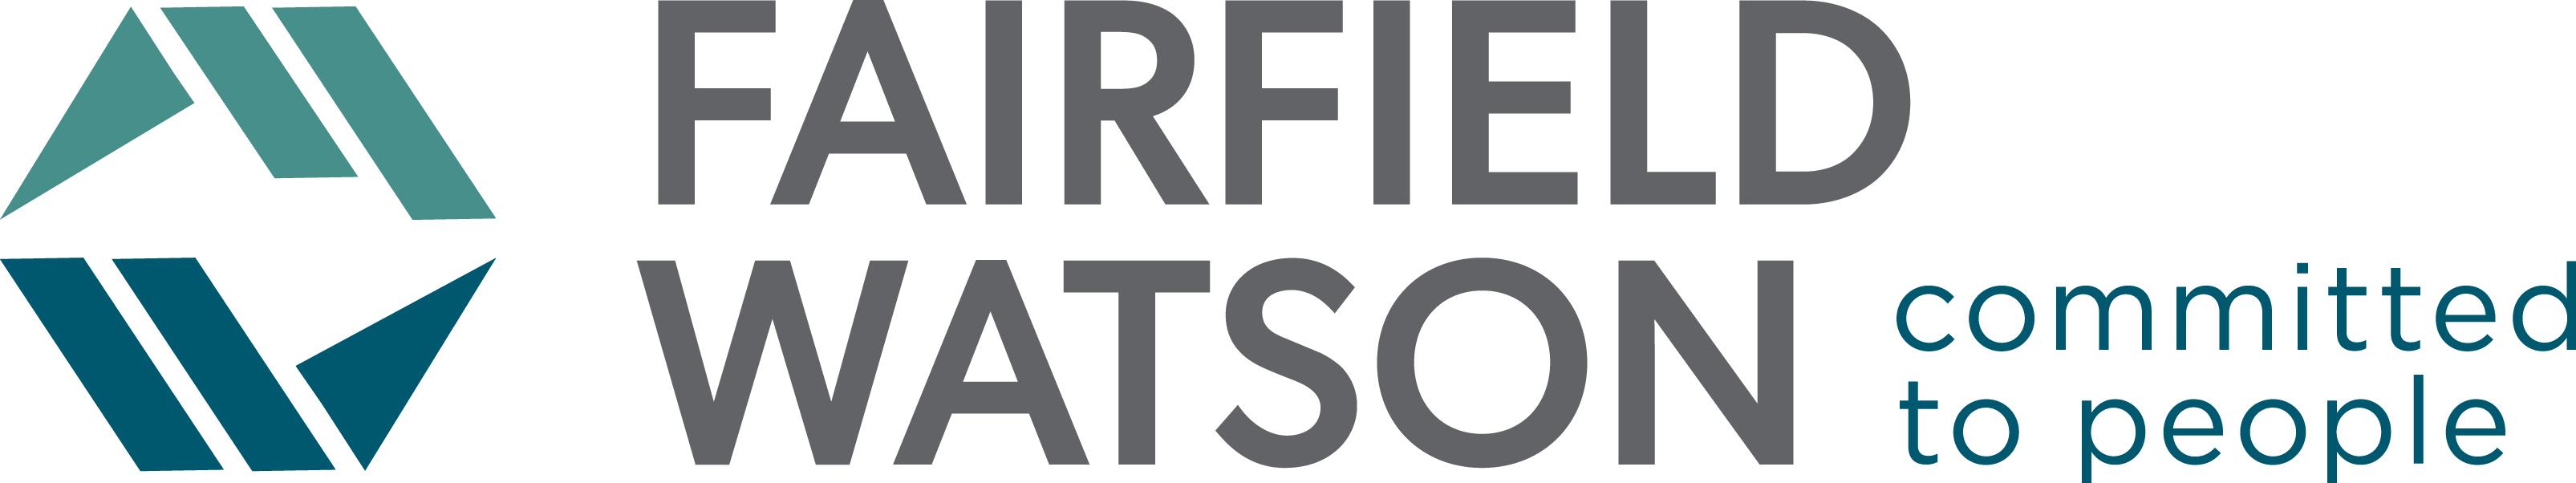 FairfieldWatson-Logo